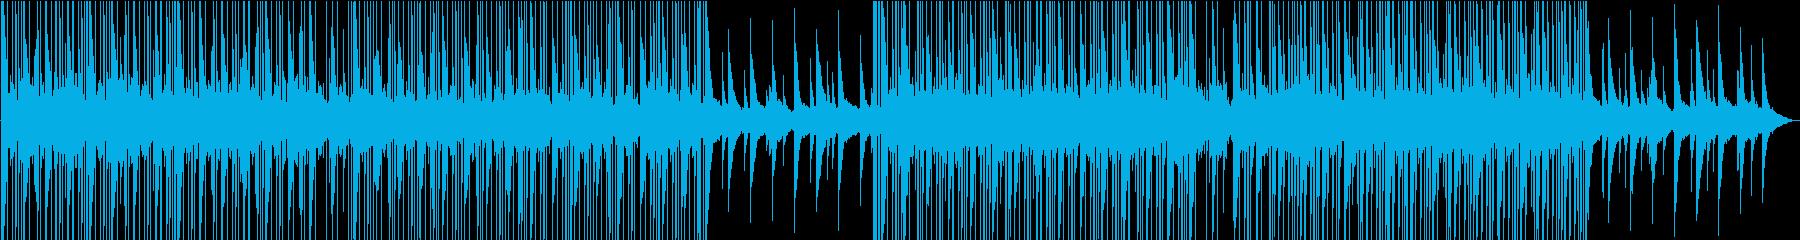 映画・ドキュメンタリー向け・チルBGMの再生済みの波形